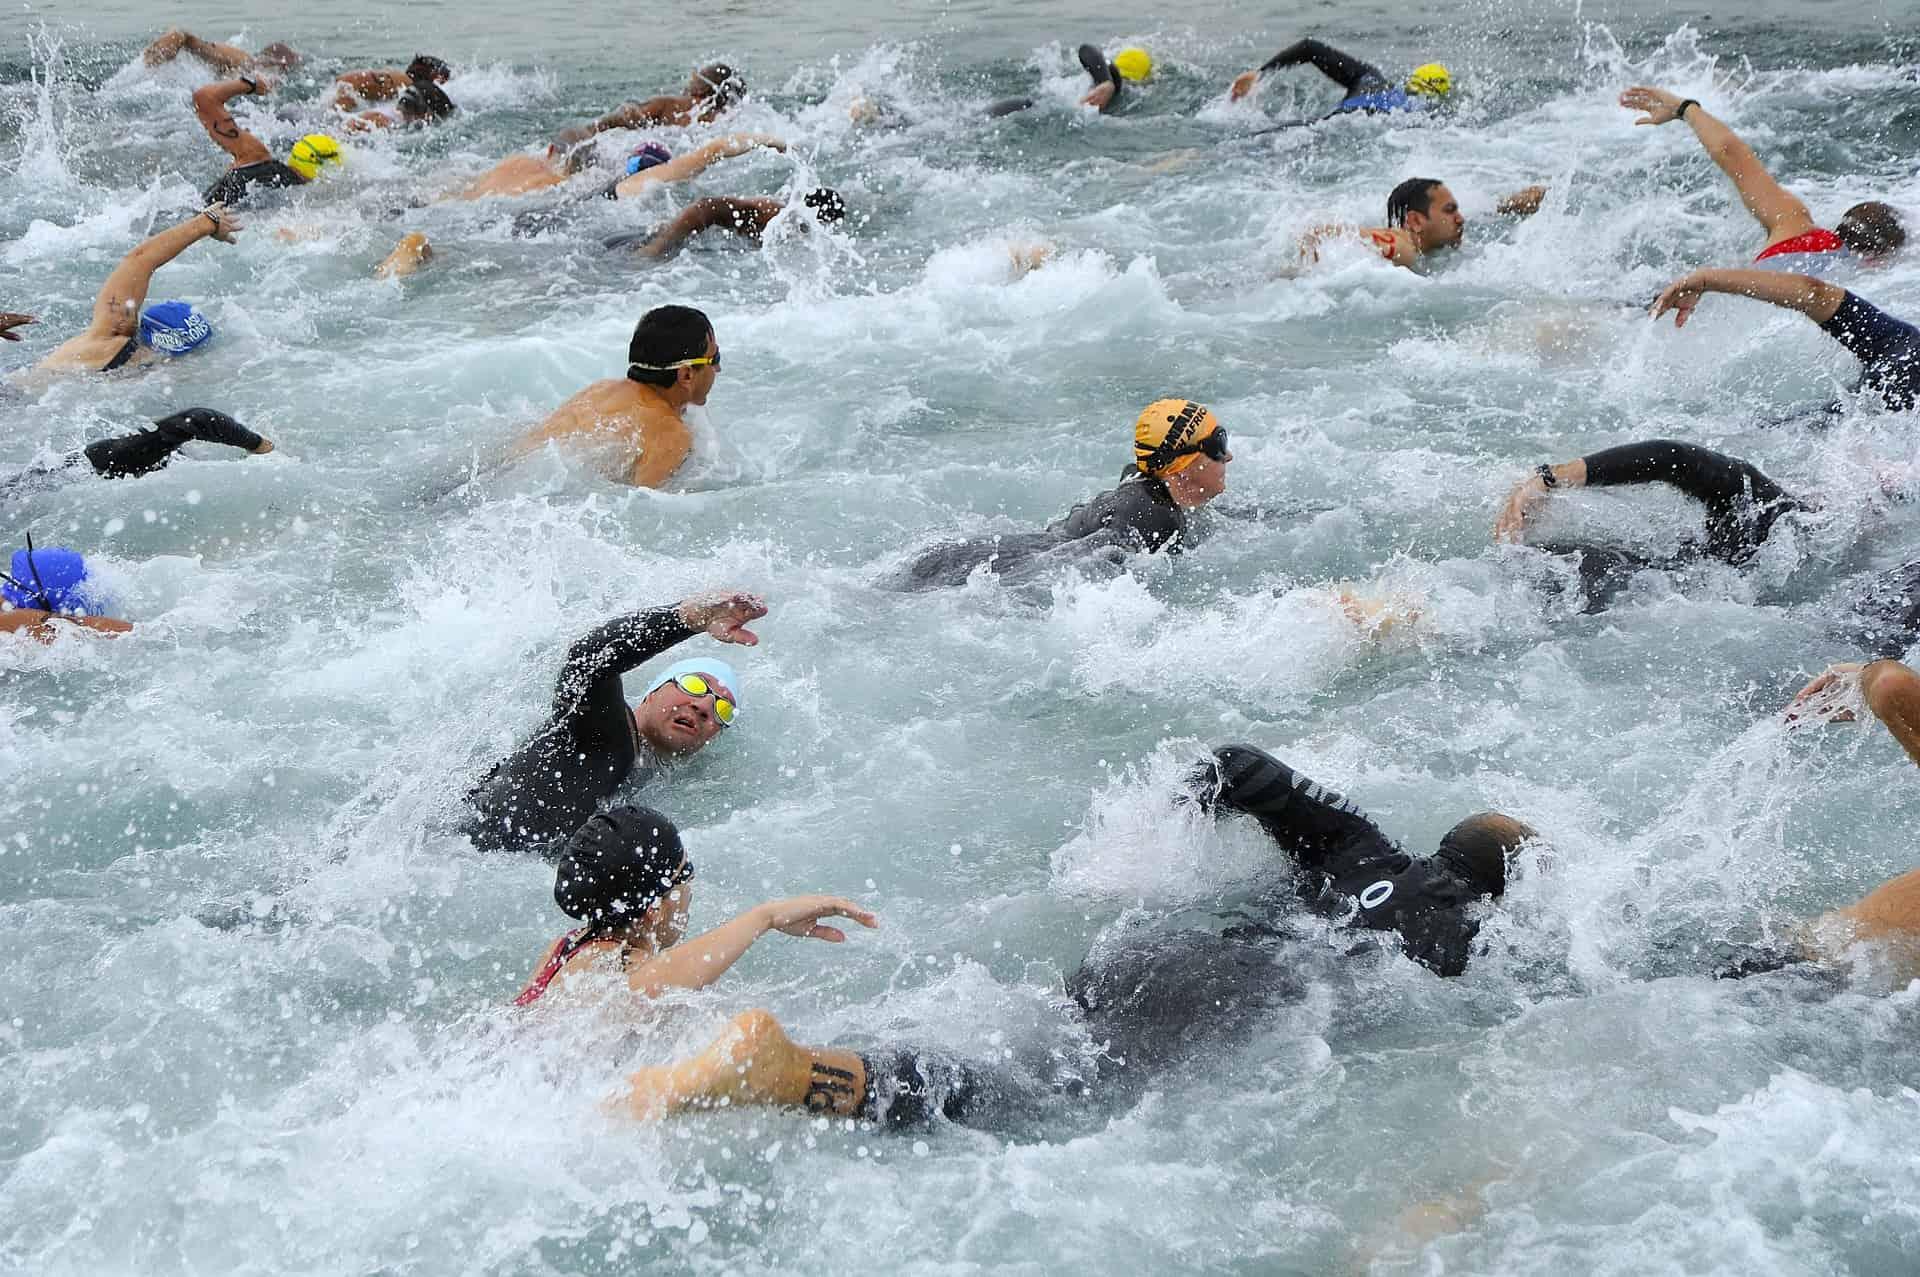 Nowy rok, nowe wyzwania. Triathloniści budzą się do życia!